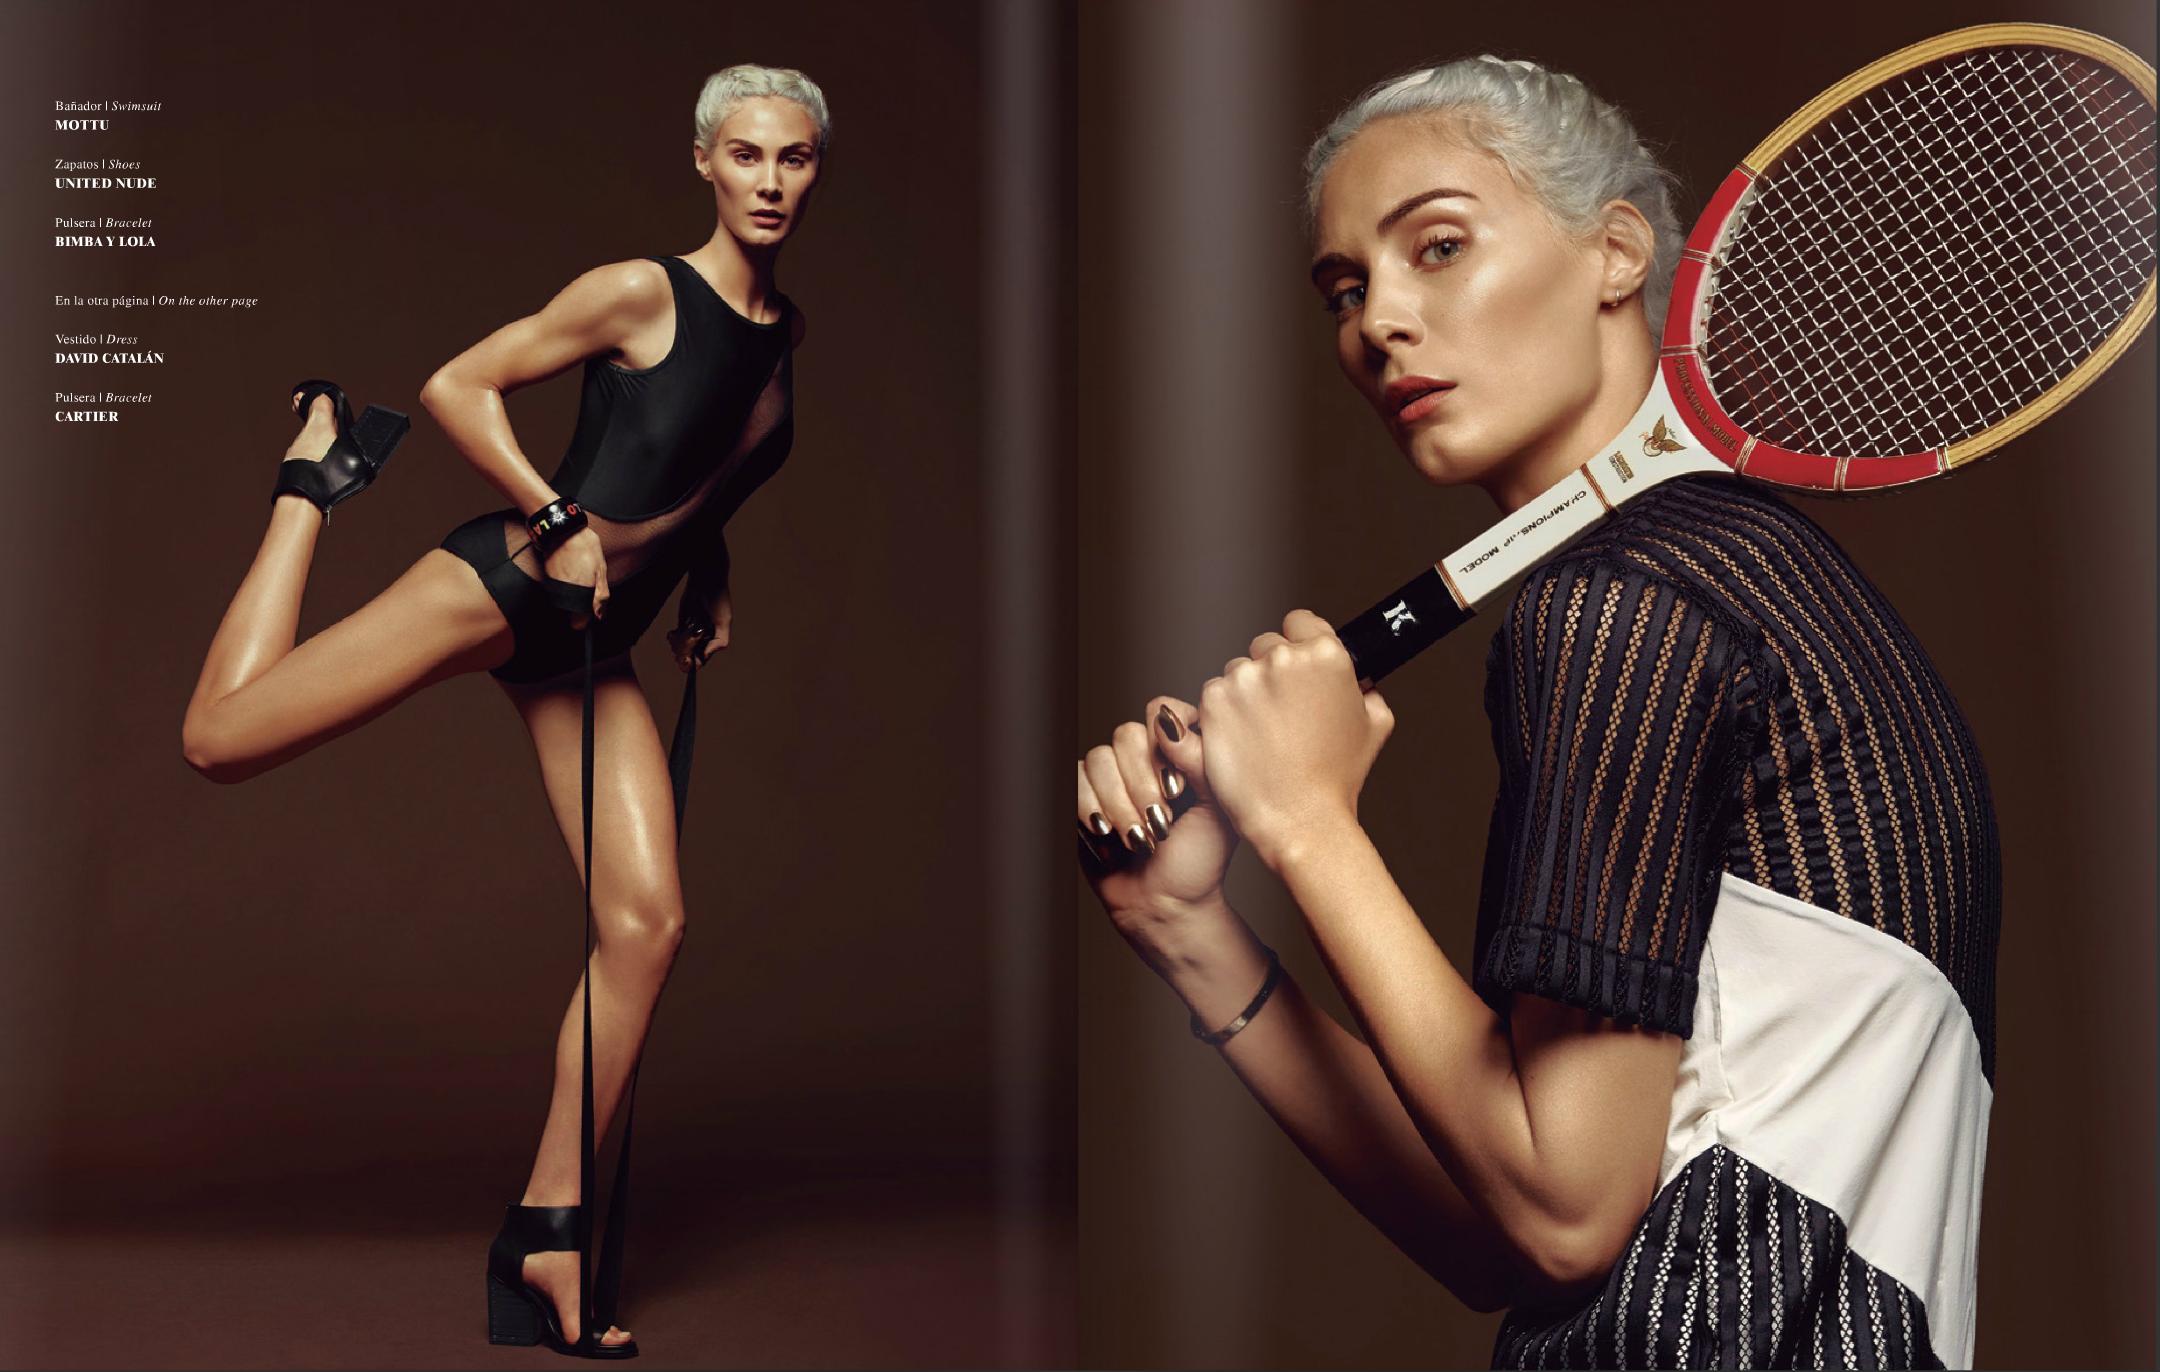 fashion-retouch-for-pacha-magazine-by-lesya-kostiv-3